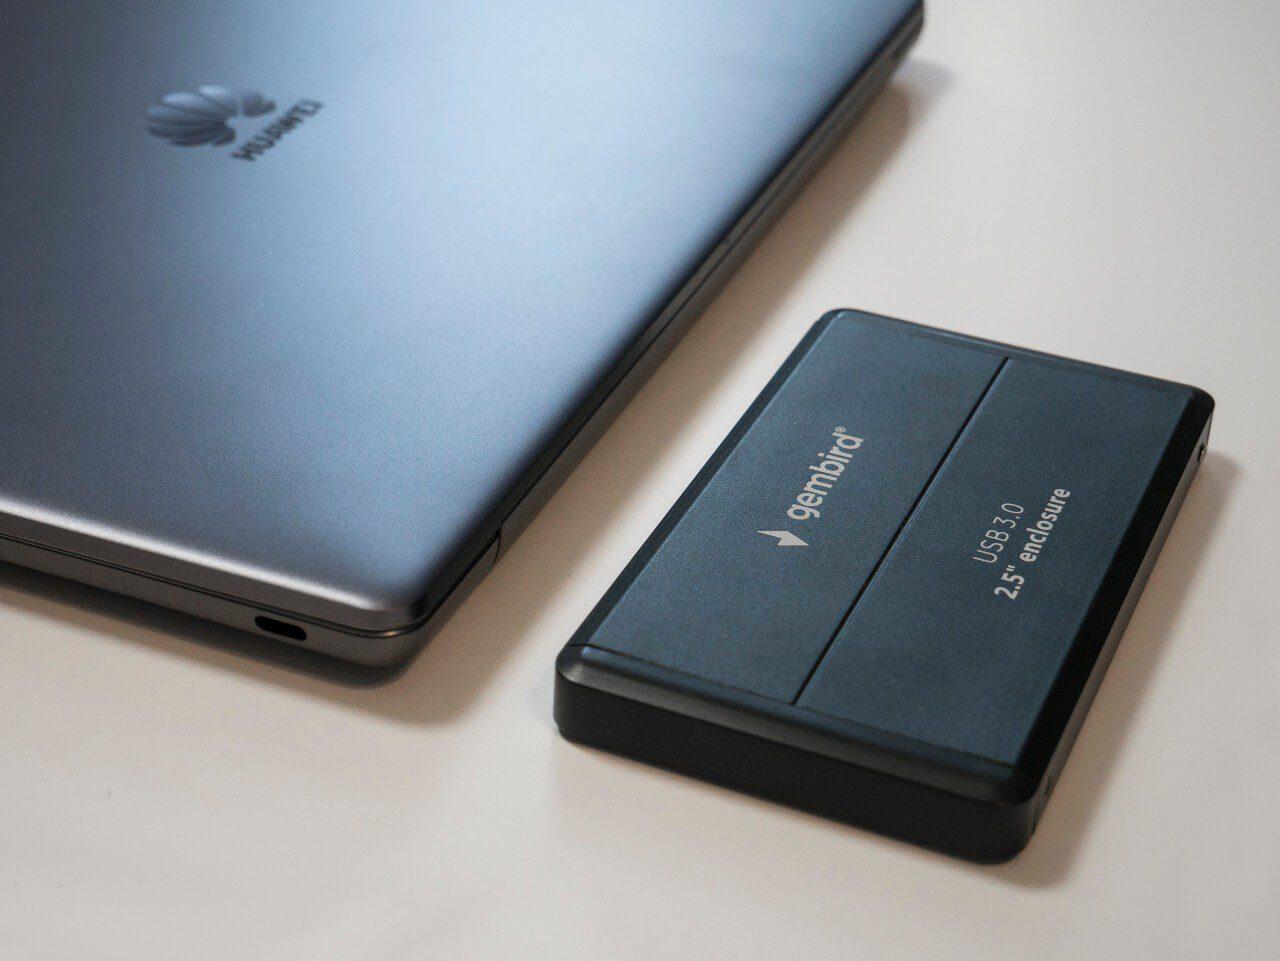 Zewnętrzny dysk twardy SSD obok komputera Huawei Matebook 13